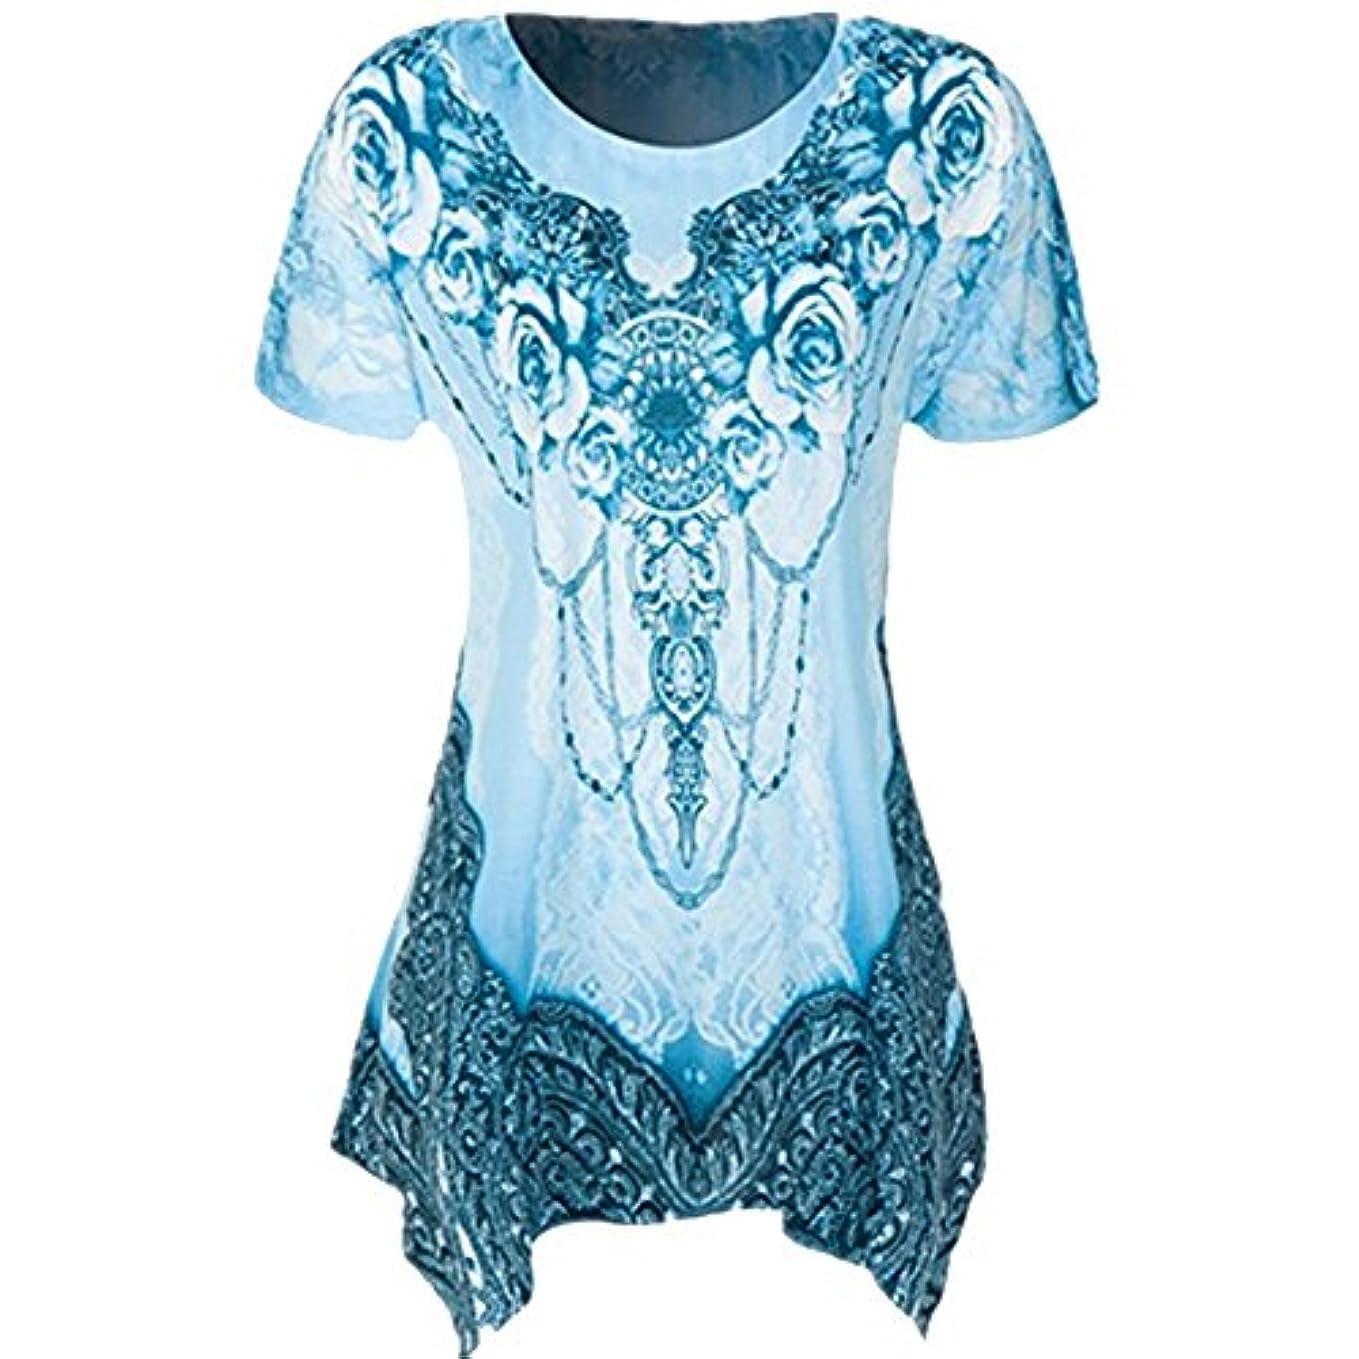 遺体安置所ゆるい摩擦Hosam レディース 洋服 Tシャツ プリント ゆったり 大きなサイズ 不規則 おもしろ 快適 夏 ダンス ヨガ 普段着 ファッション 大人 おしゃれ 体型カバ― お呼ばれ 通勤 日常 快適 大きなサイズ シンプルなデザイン 20代30代40代でも (2XL, ブルー)